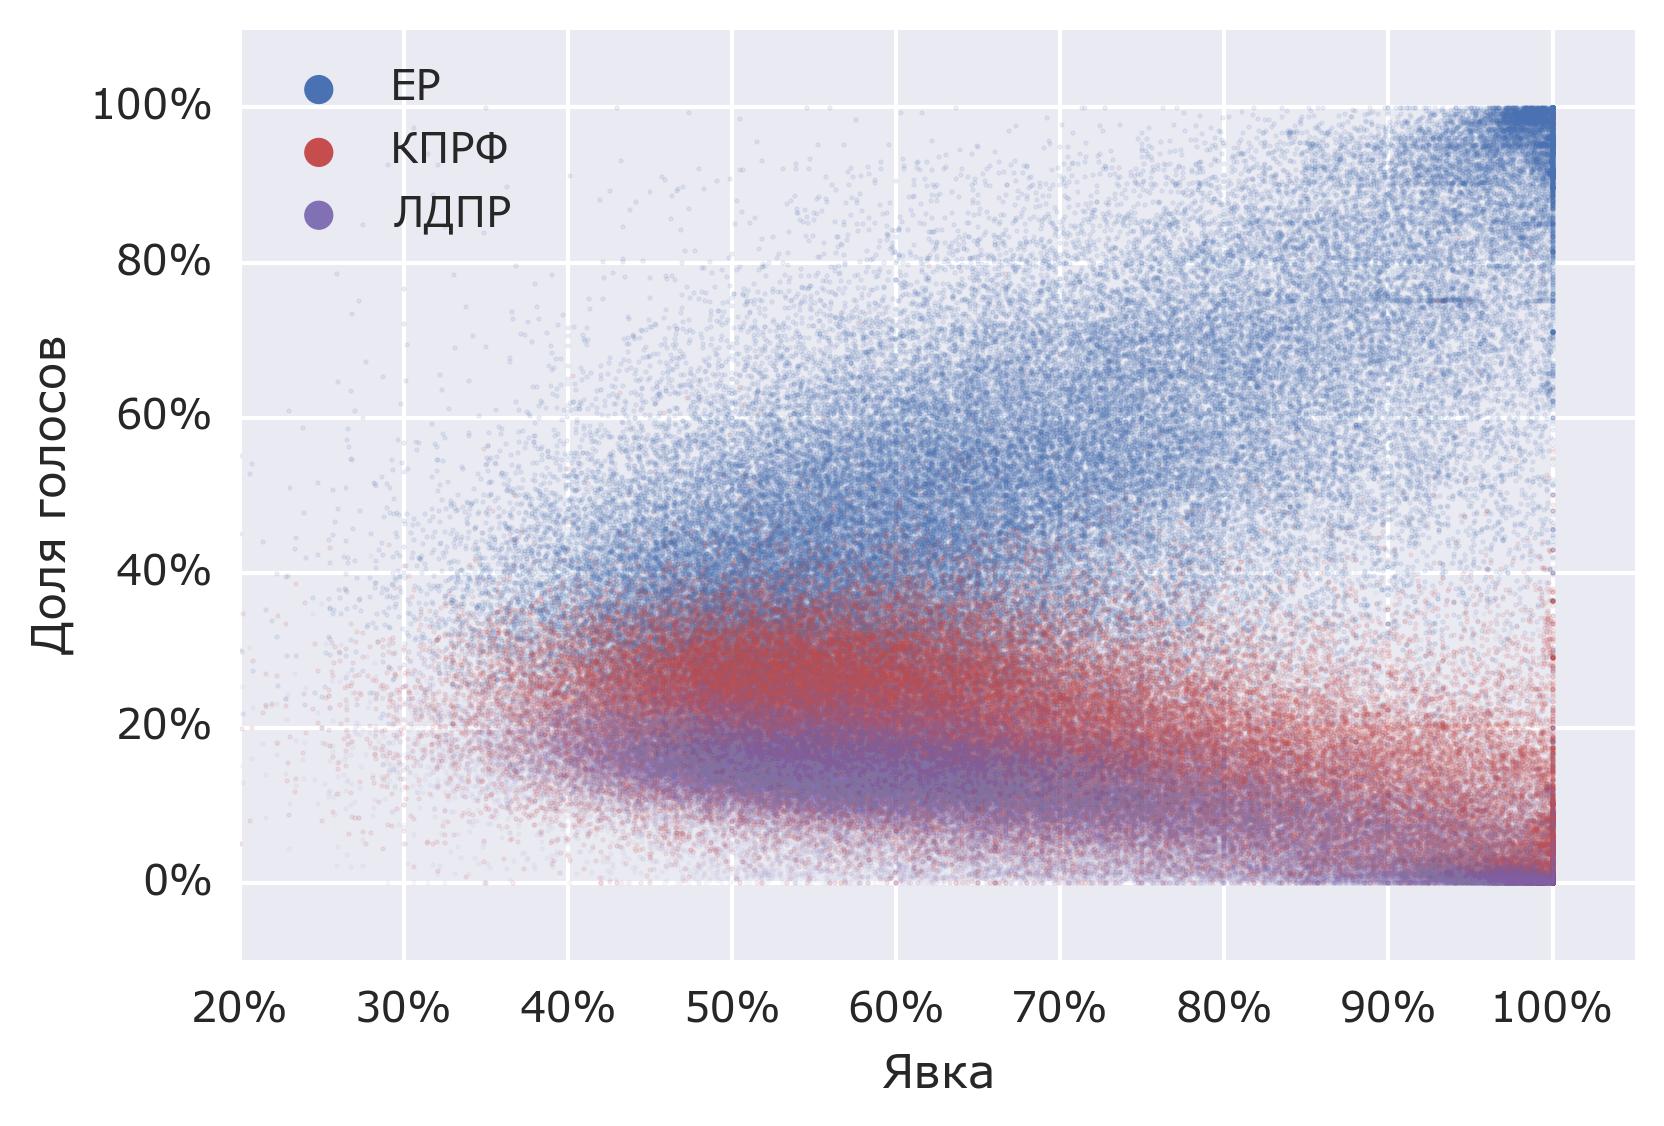 Анализ результатов выборов в Госдуму. Готовимся к голосованию 2016 года - 5